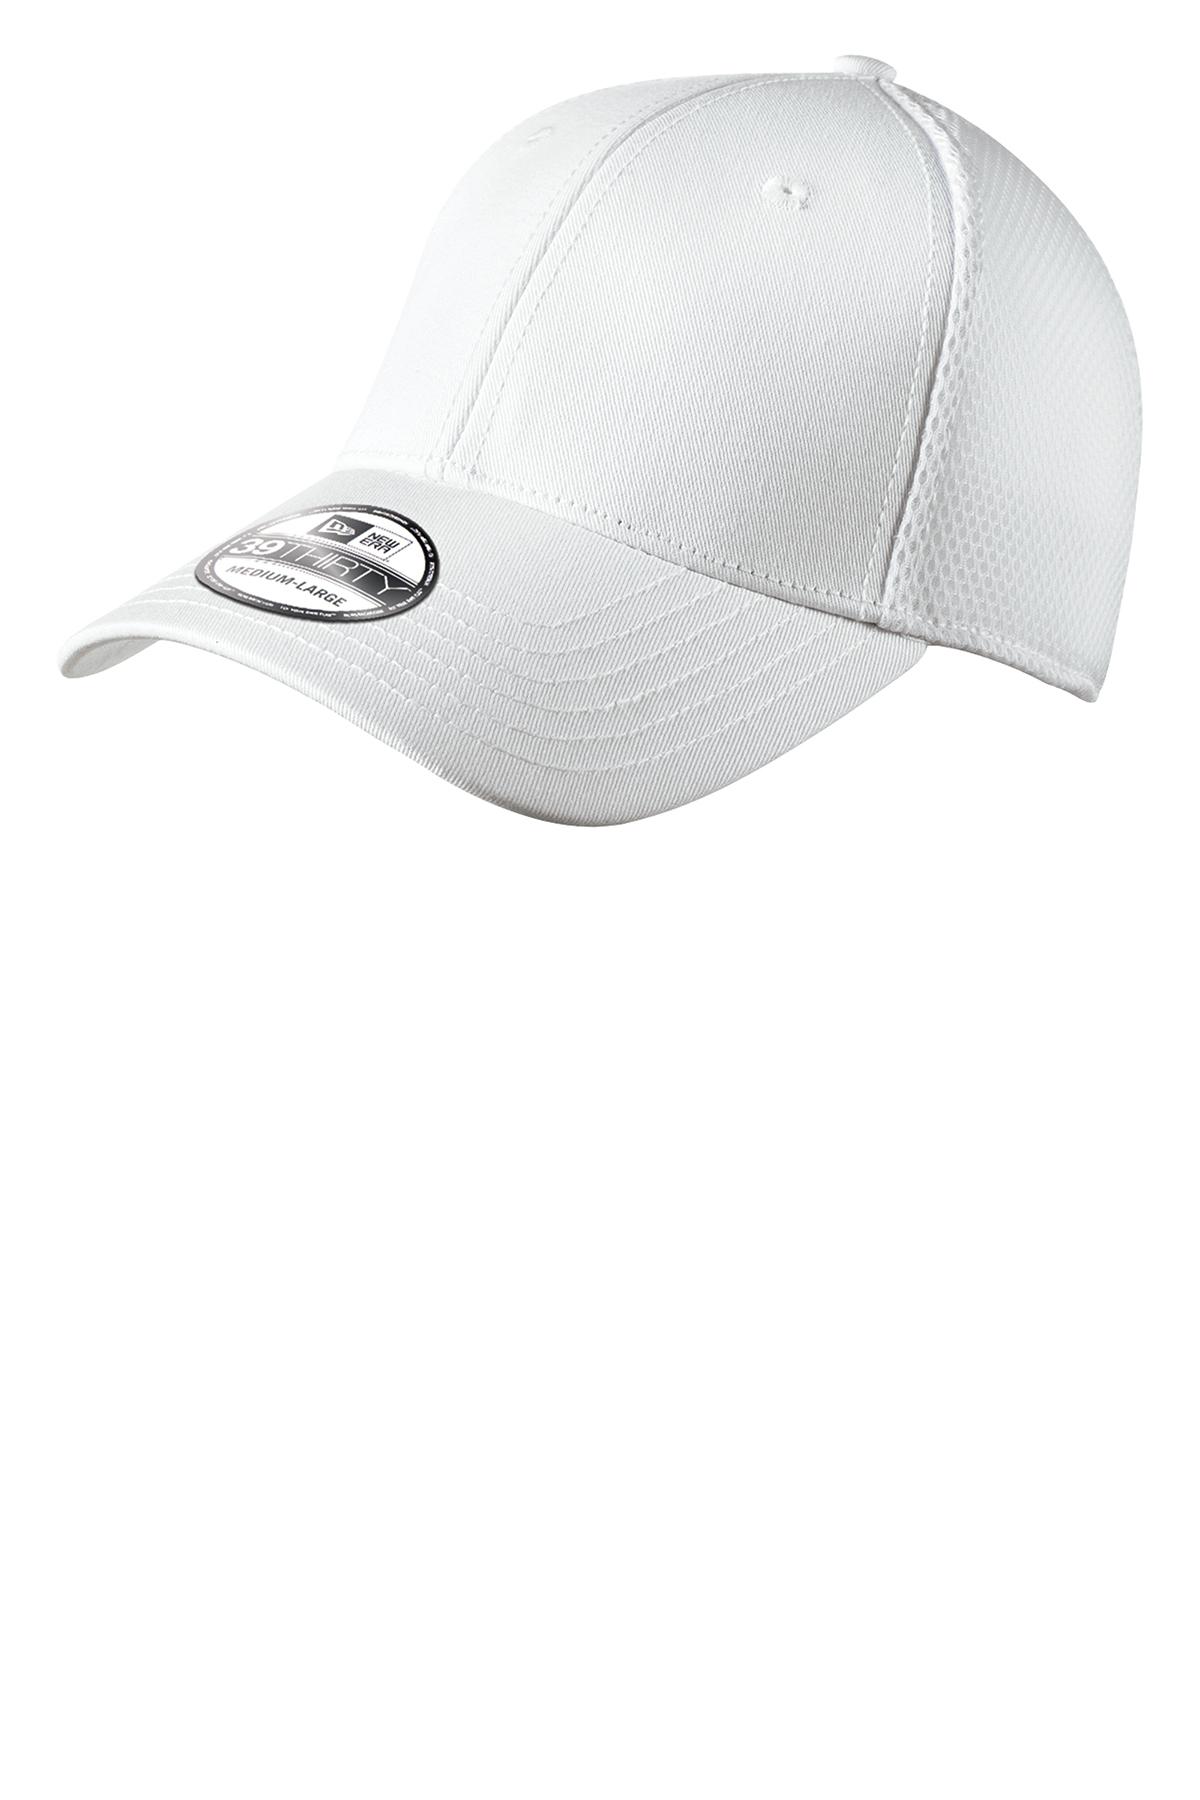 New Era® - Stretch Mesh Cap  80a087920e1